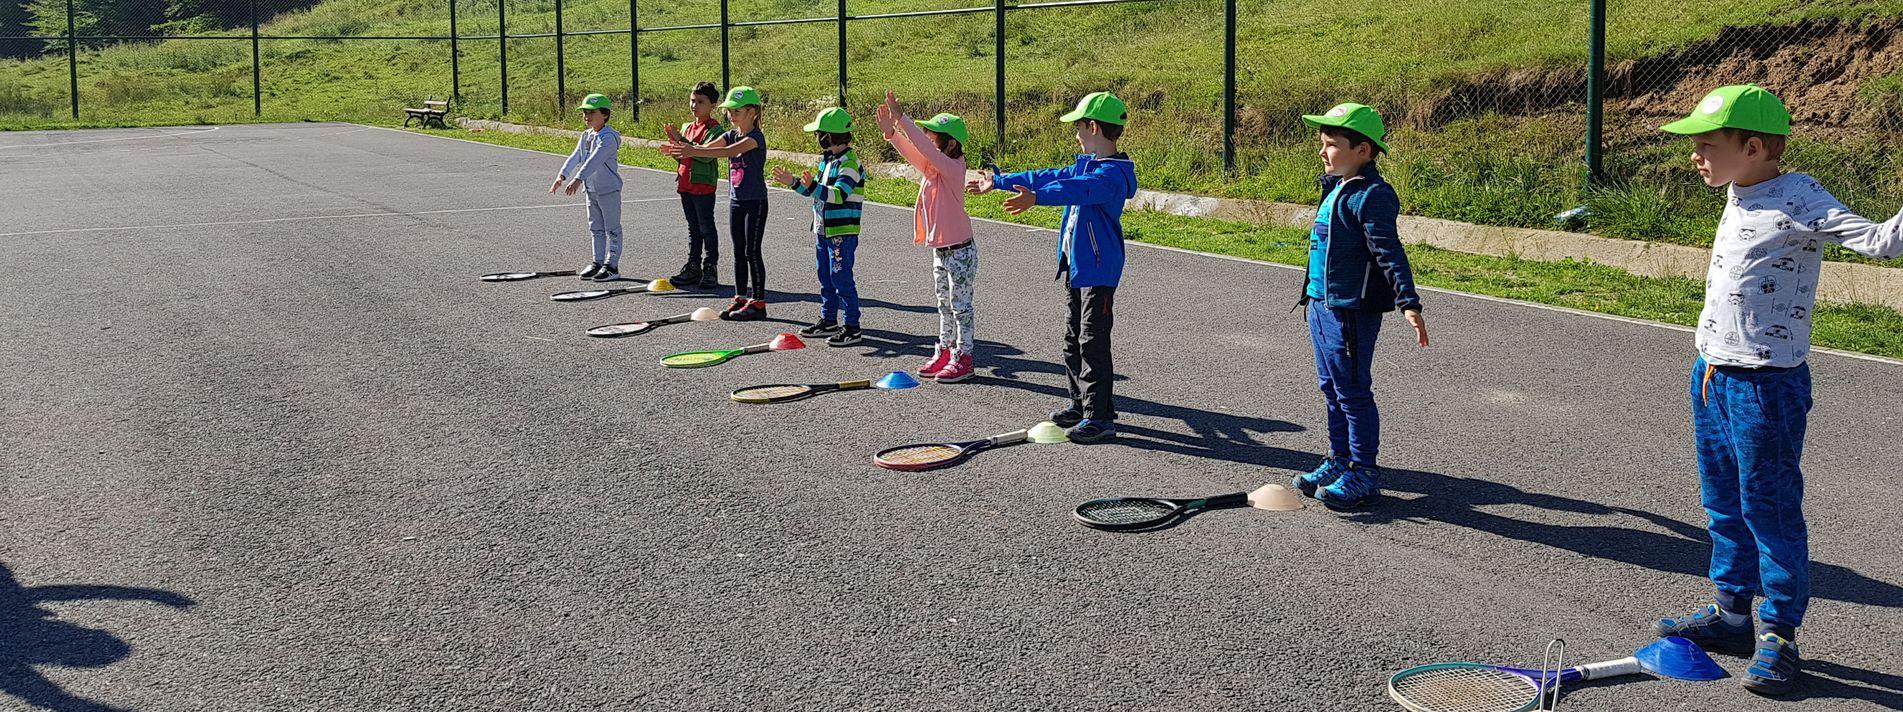 Cursuri de tenis pentru copii | Sport Ski Club | Brasov